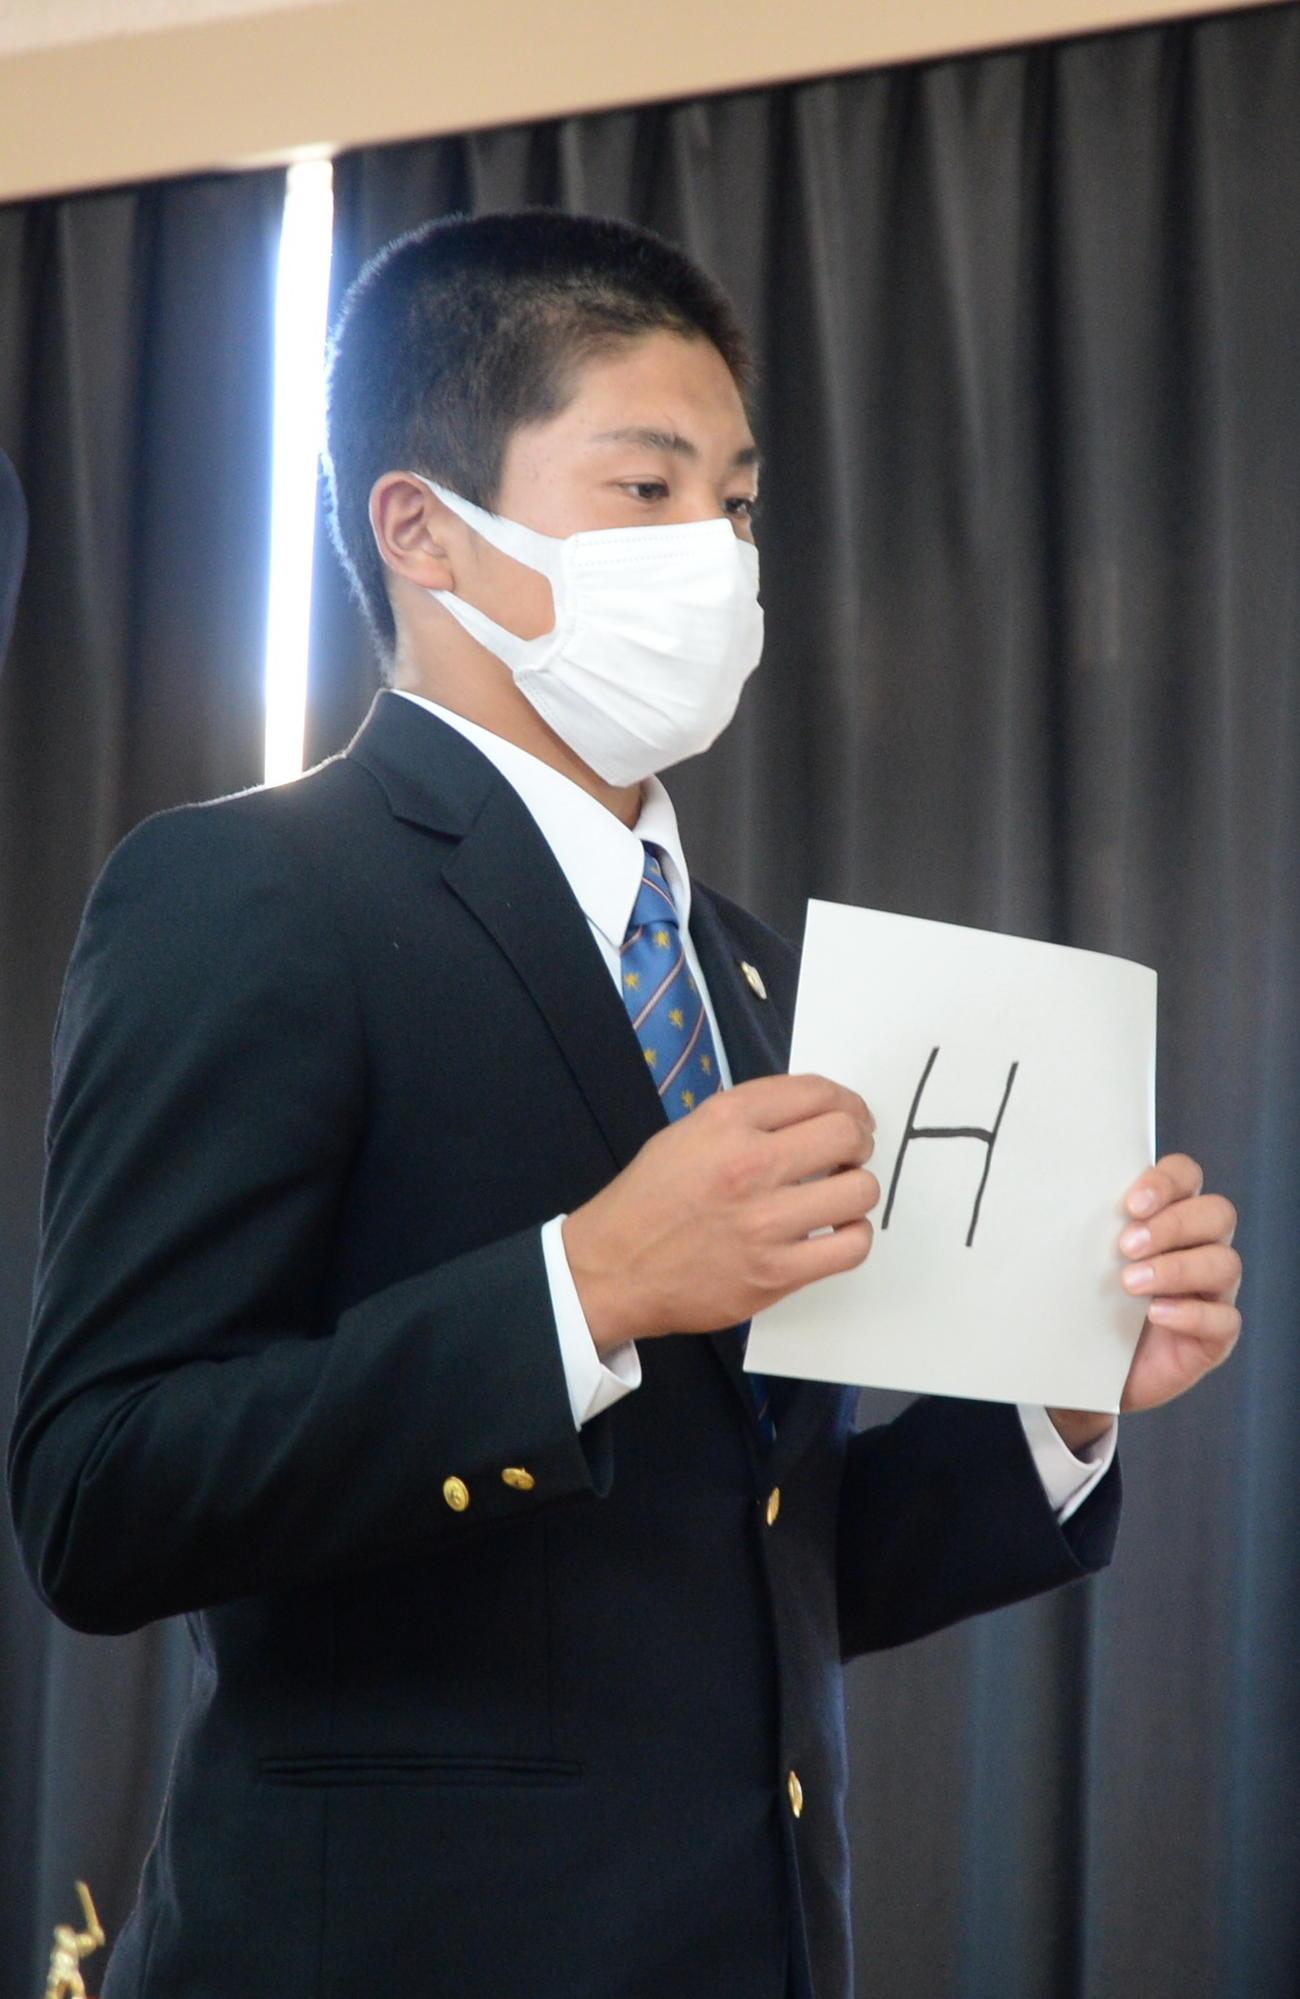 抽選する仙台育英・佐藤(撮影・濱本神威)